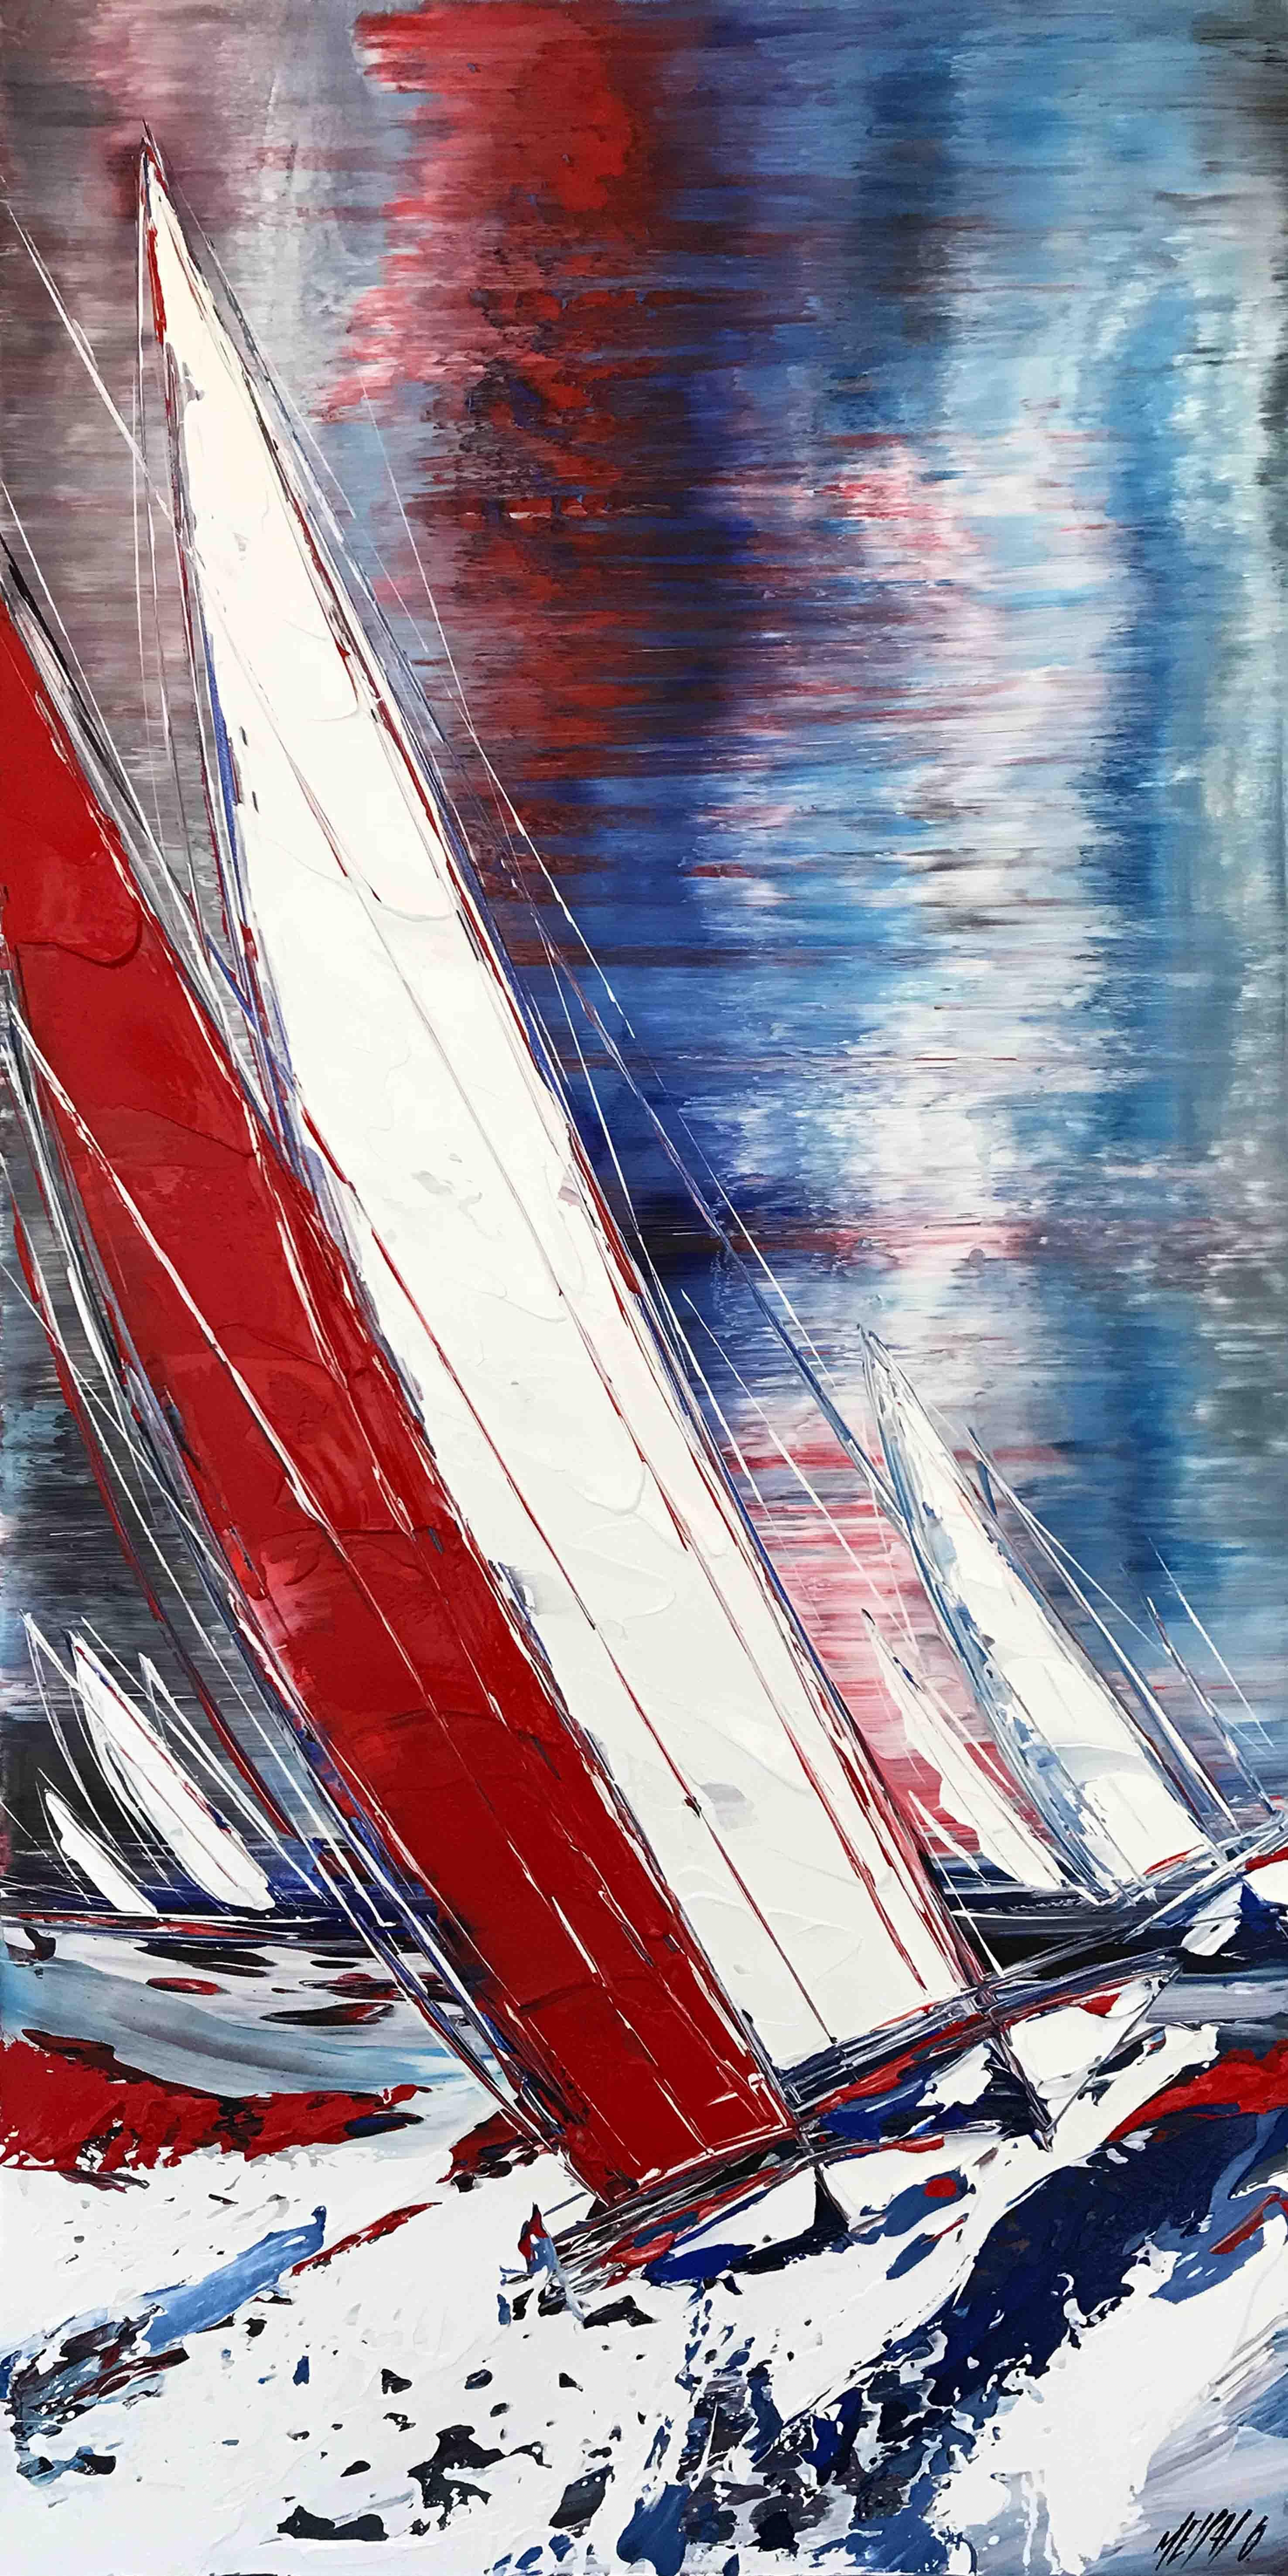 Le voilier rouge III, 100x50cm